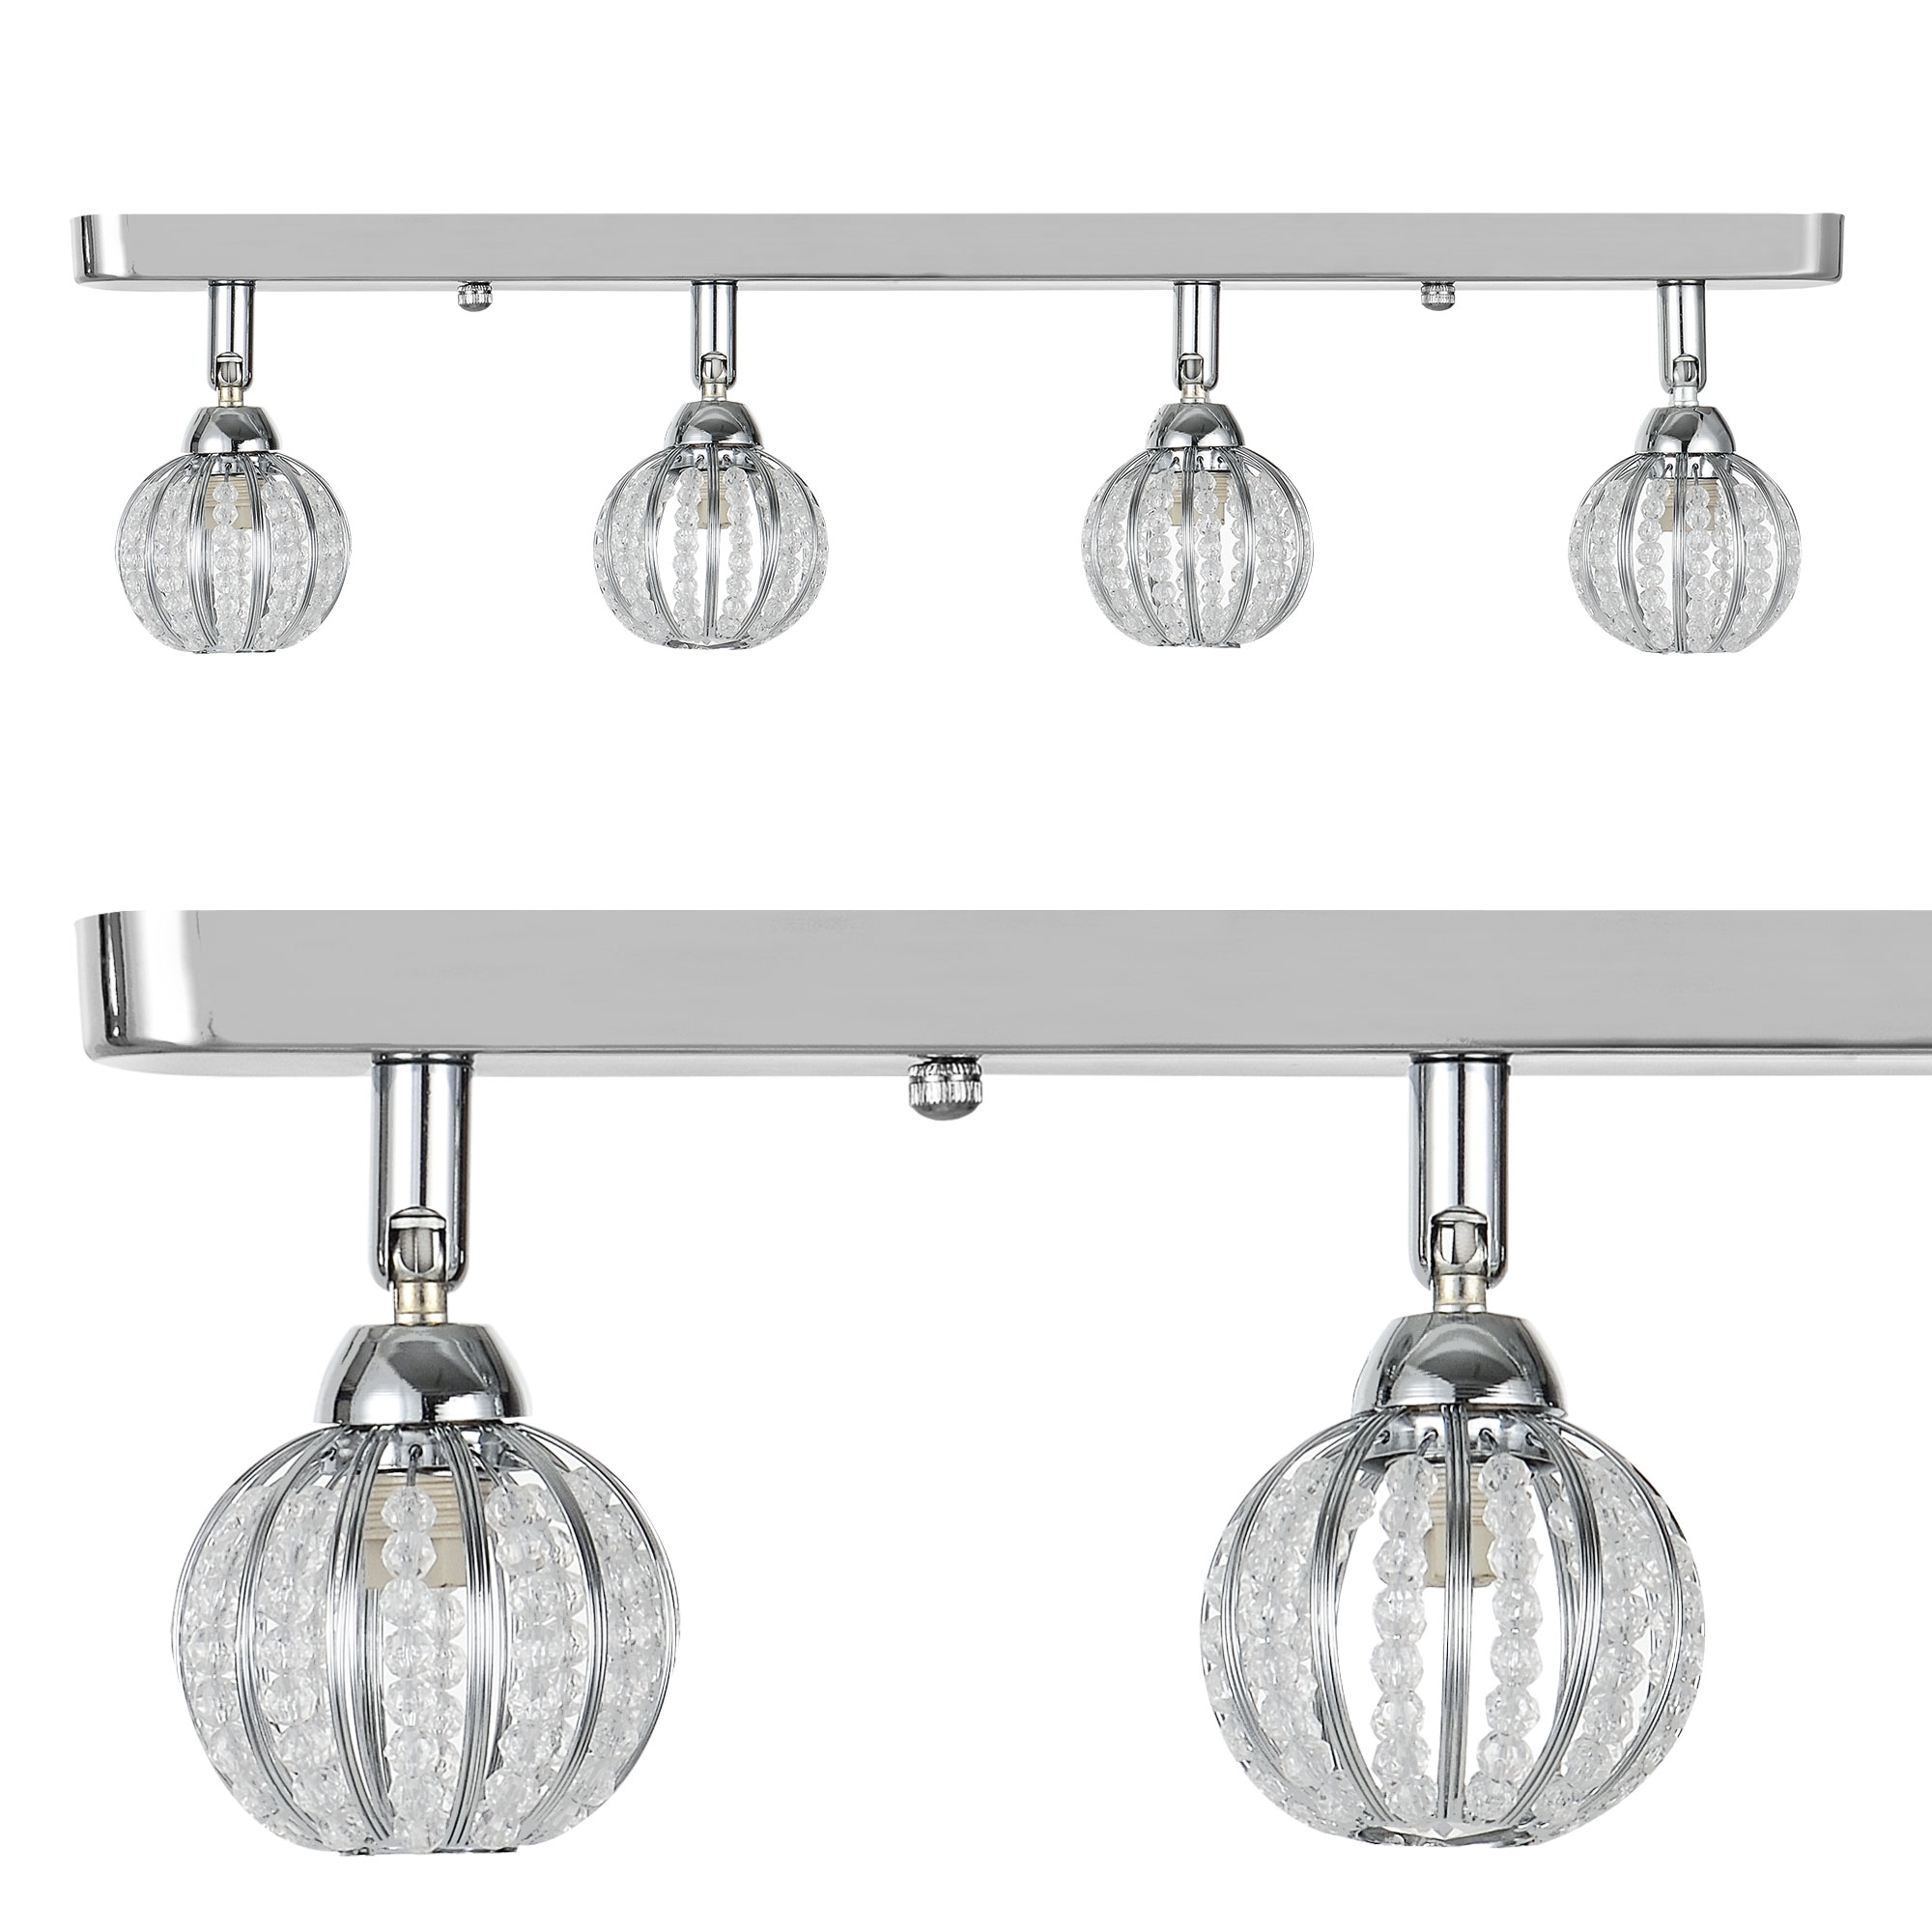 design decken leuchte deckenlampe beleuchtung. Black Bedroom Furniture Sets. Home Design Ideas